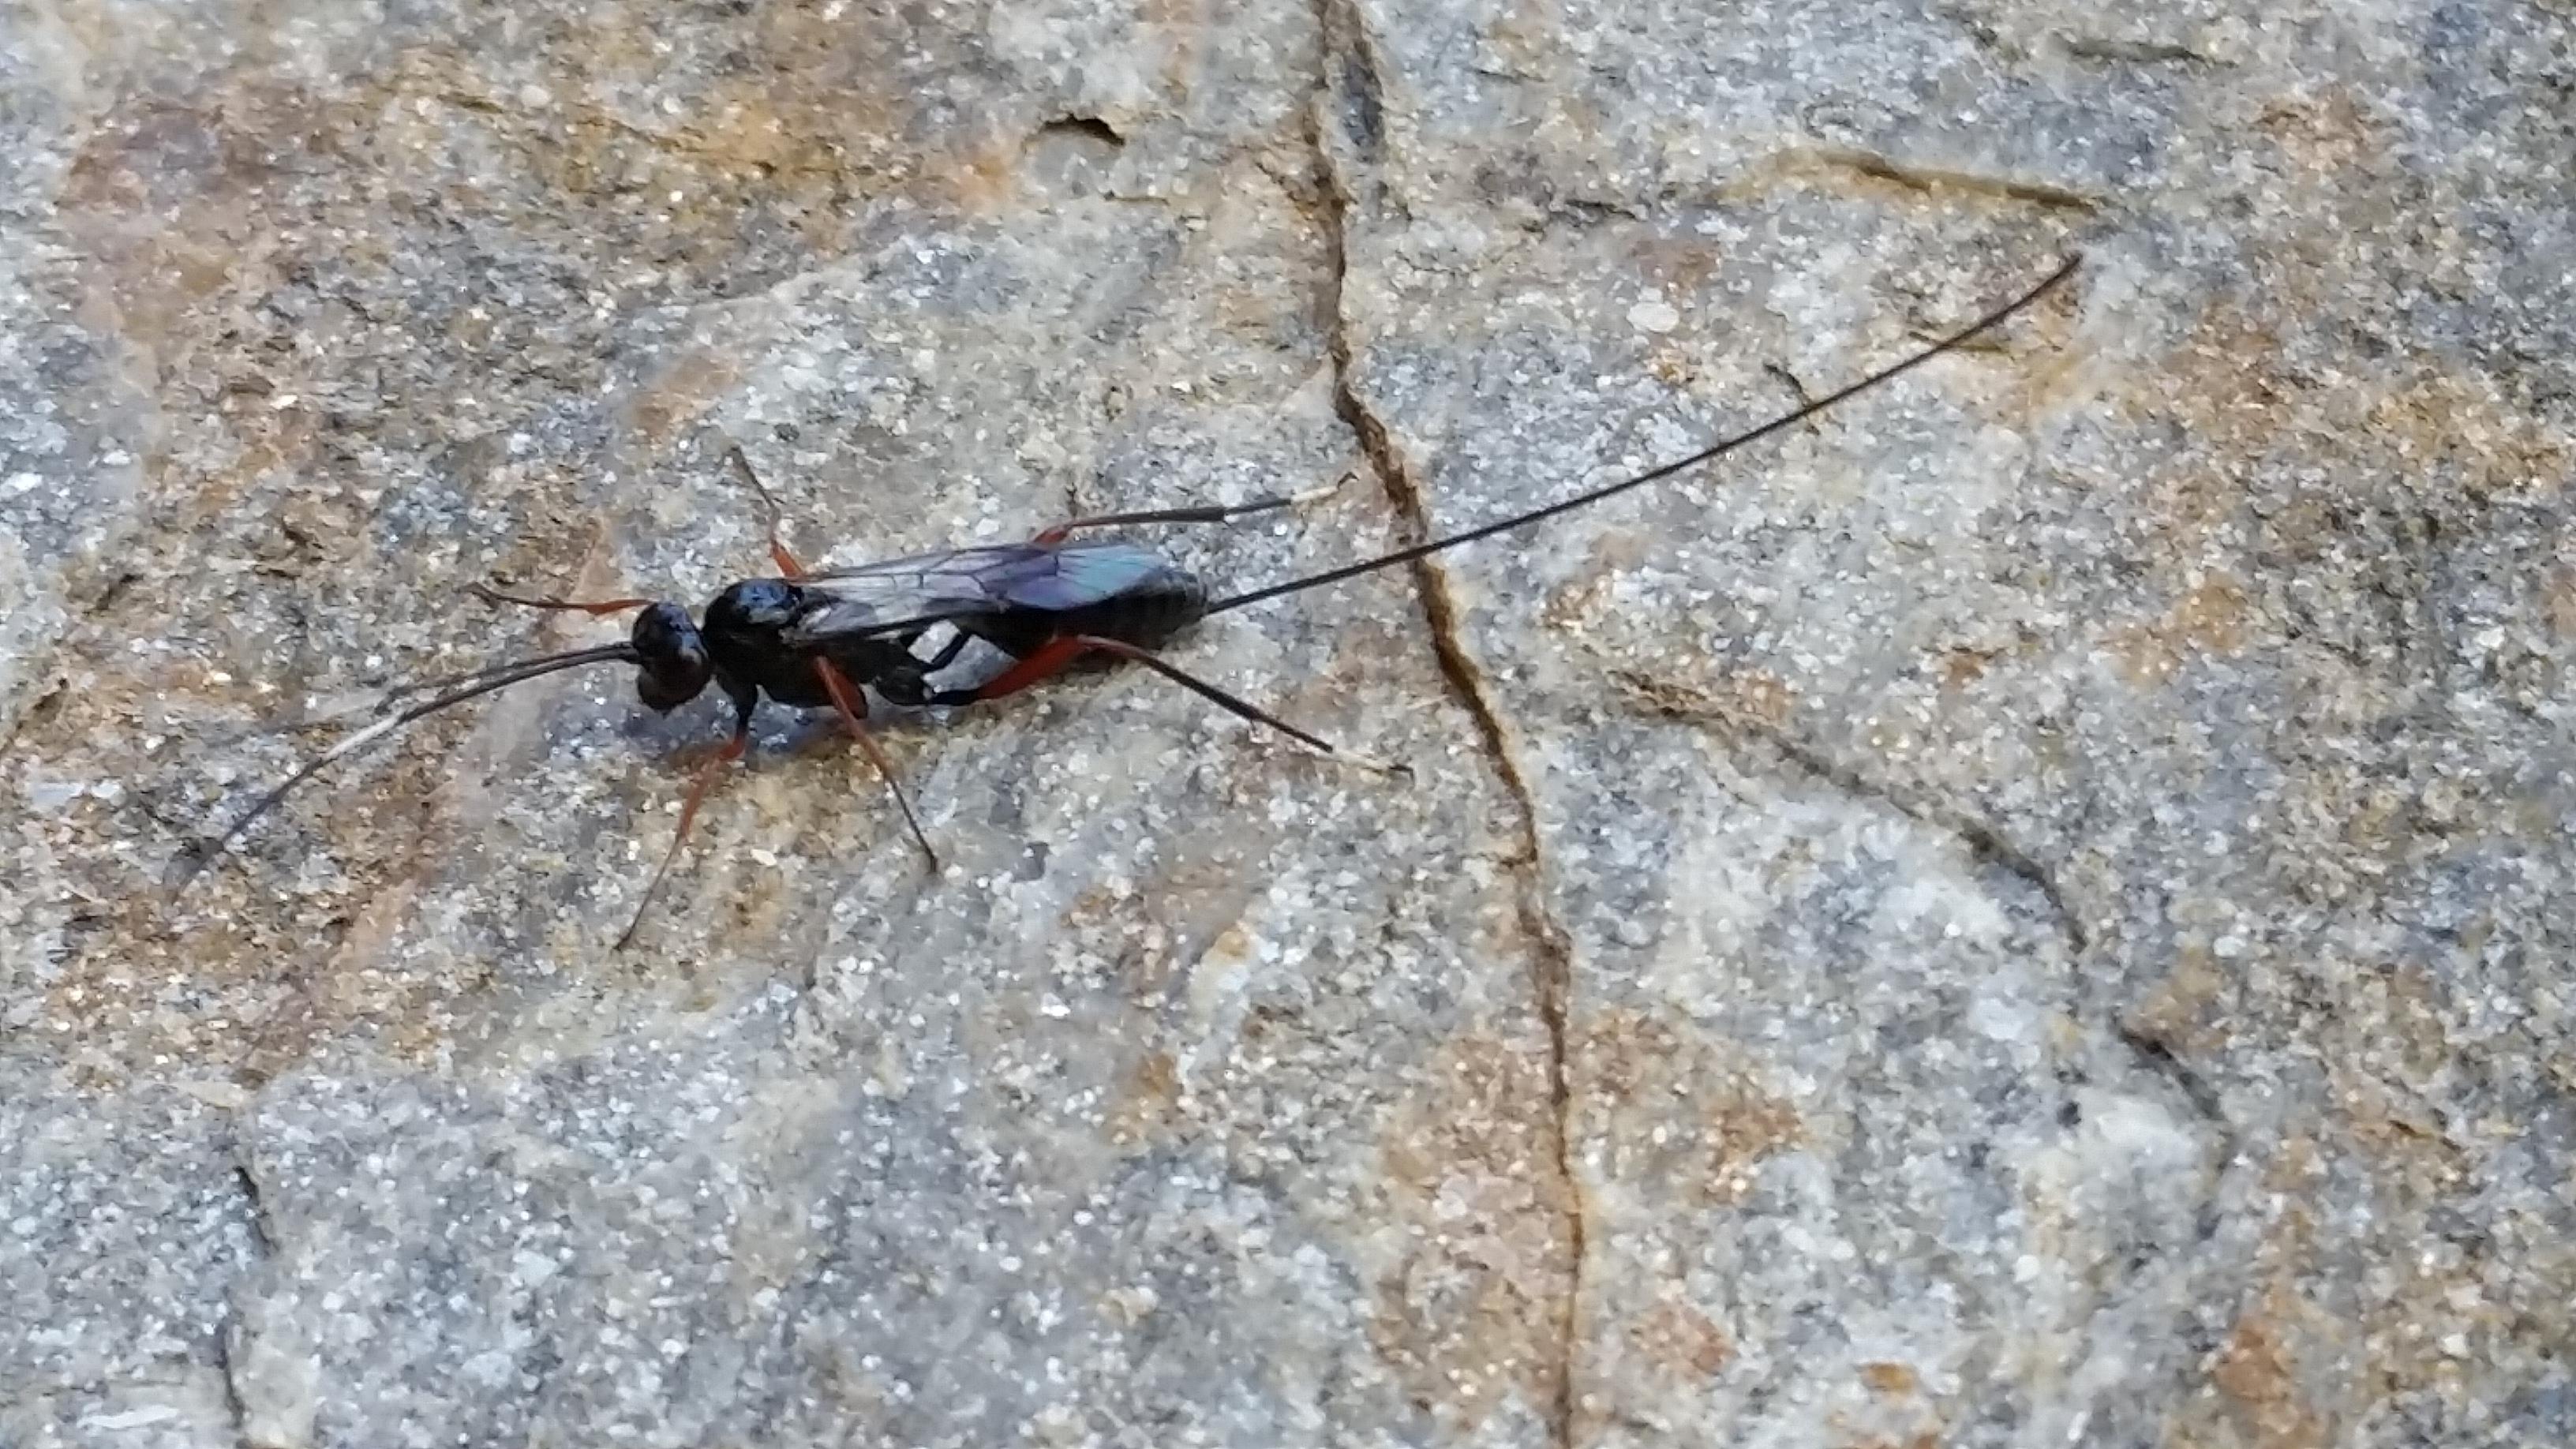 fliegende insekten bilder von fliegenden insekten klassefotos ergebnis f r fliegende insekten. Black Bedroom Furniture Sets. Home Design Ideas